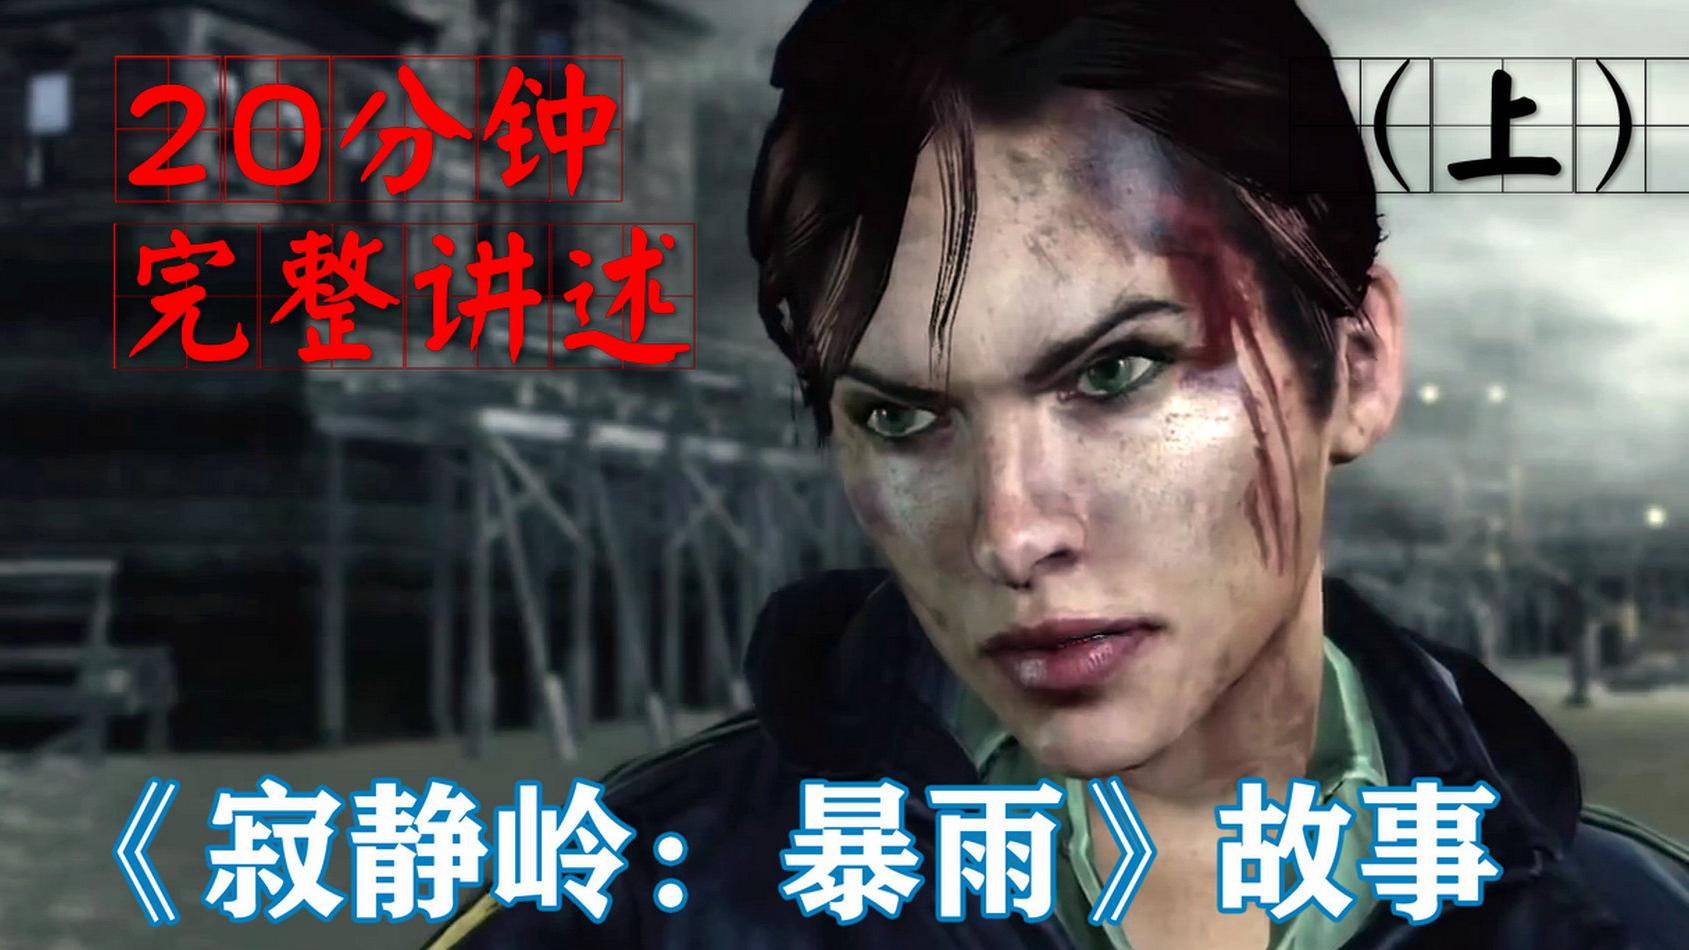 【游戏读品】20分钟完整讲述《寂静岭:暴雨》的恐怖故事(上)